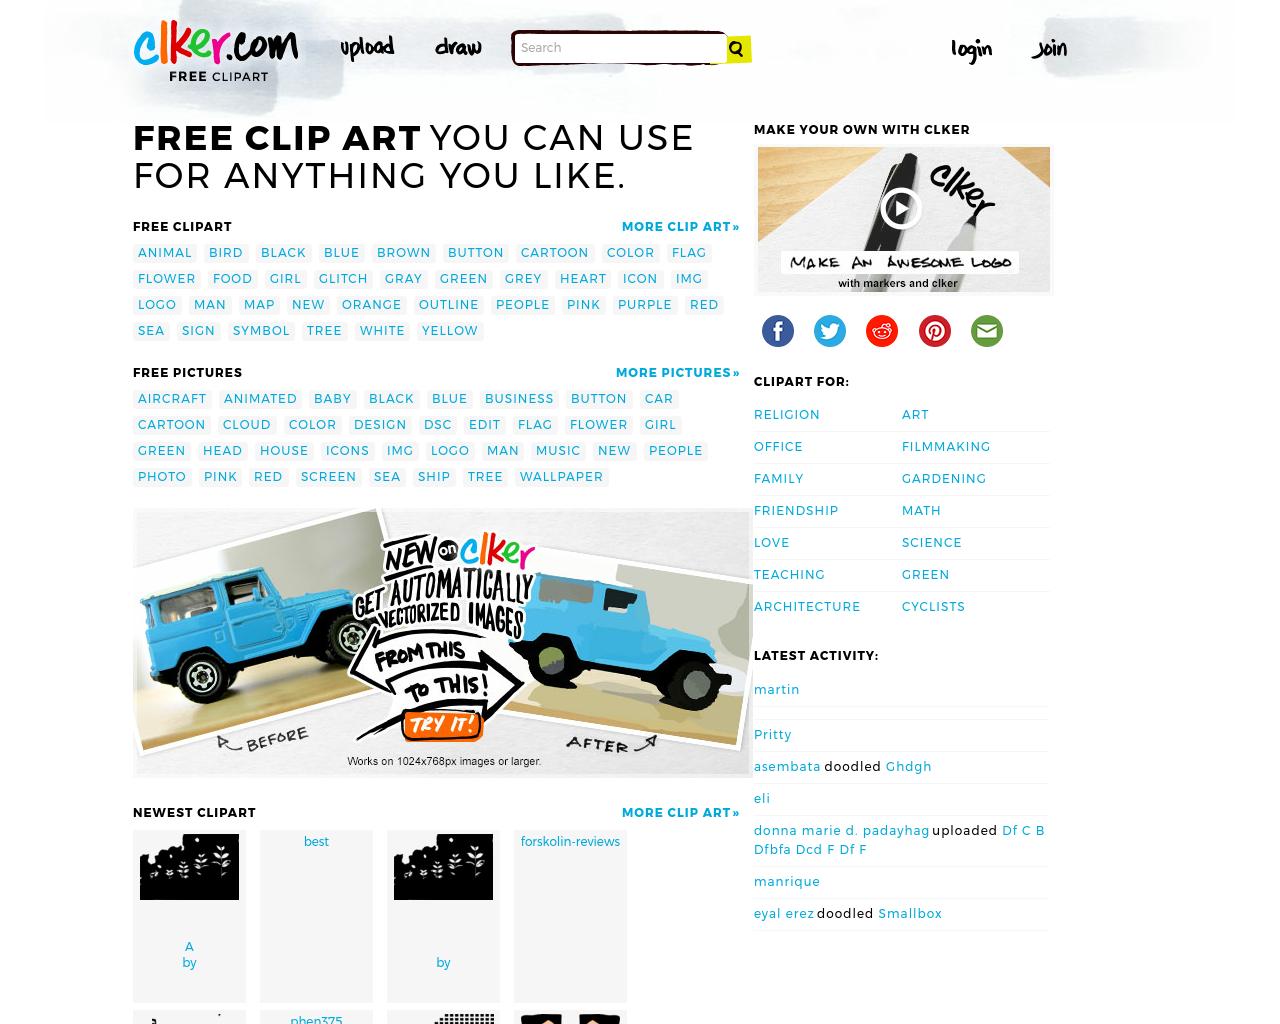 Clker.com-Advertising-Reviews-Pricing